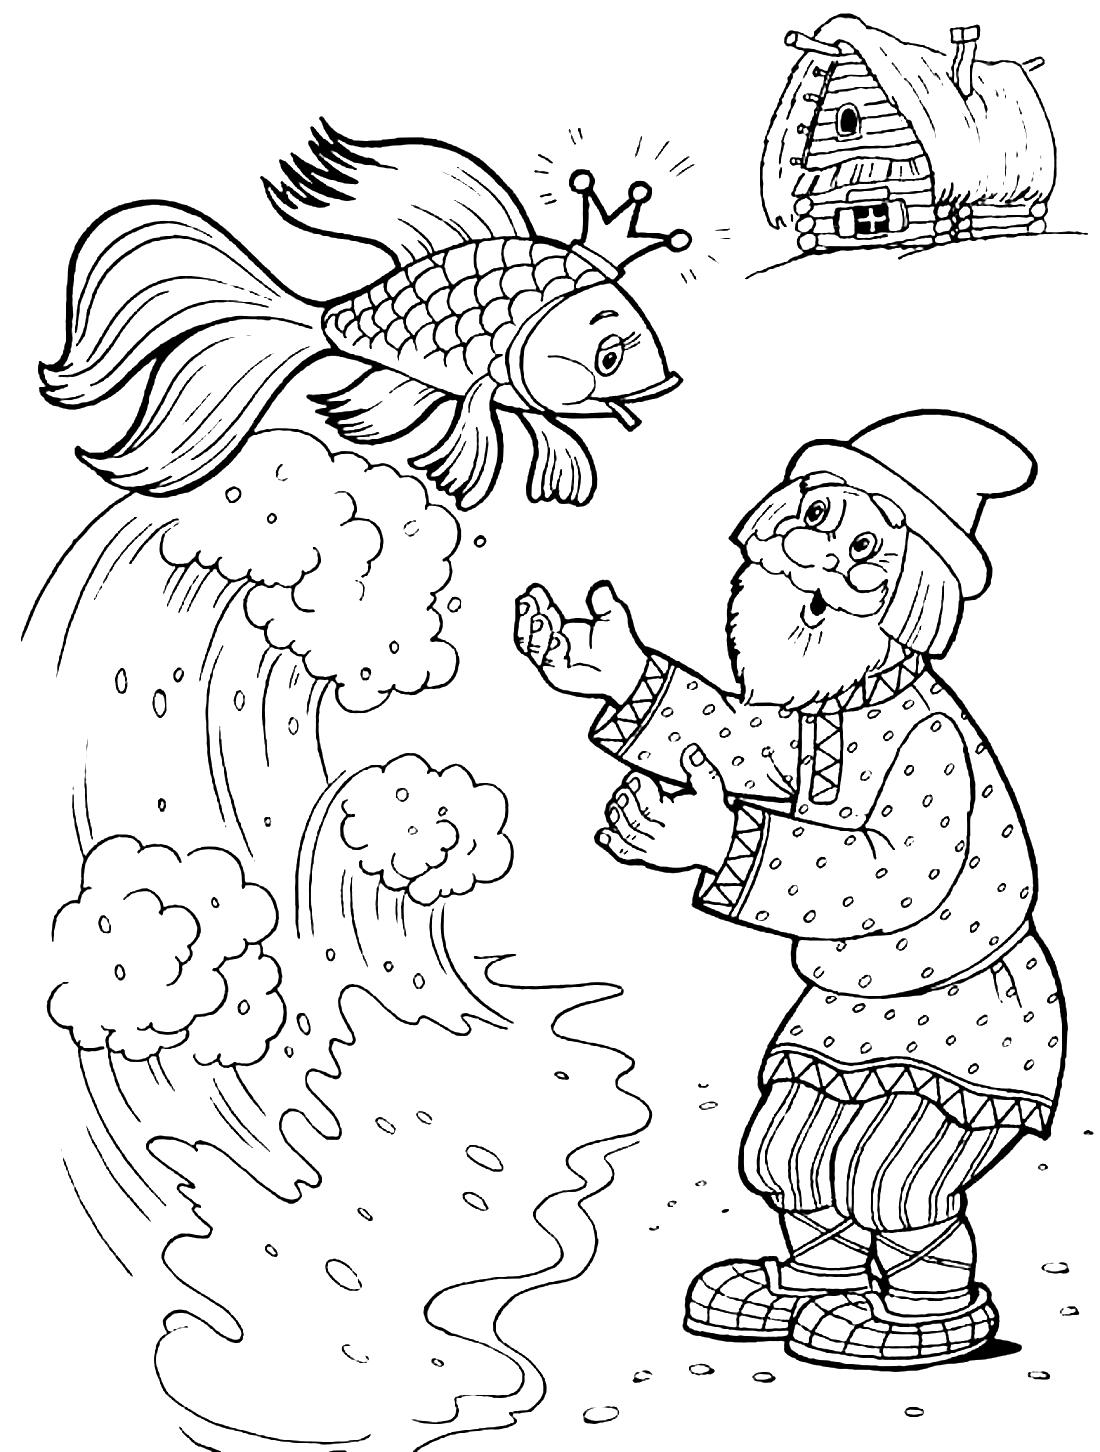 Старик и Золотая рыбка - раскраска №526   Printonic.ru